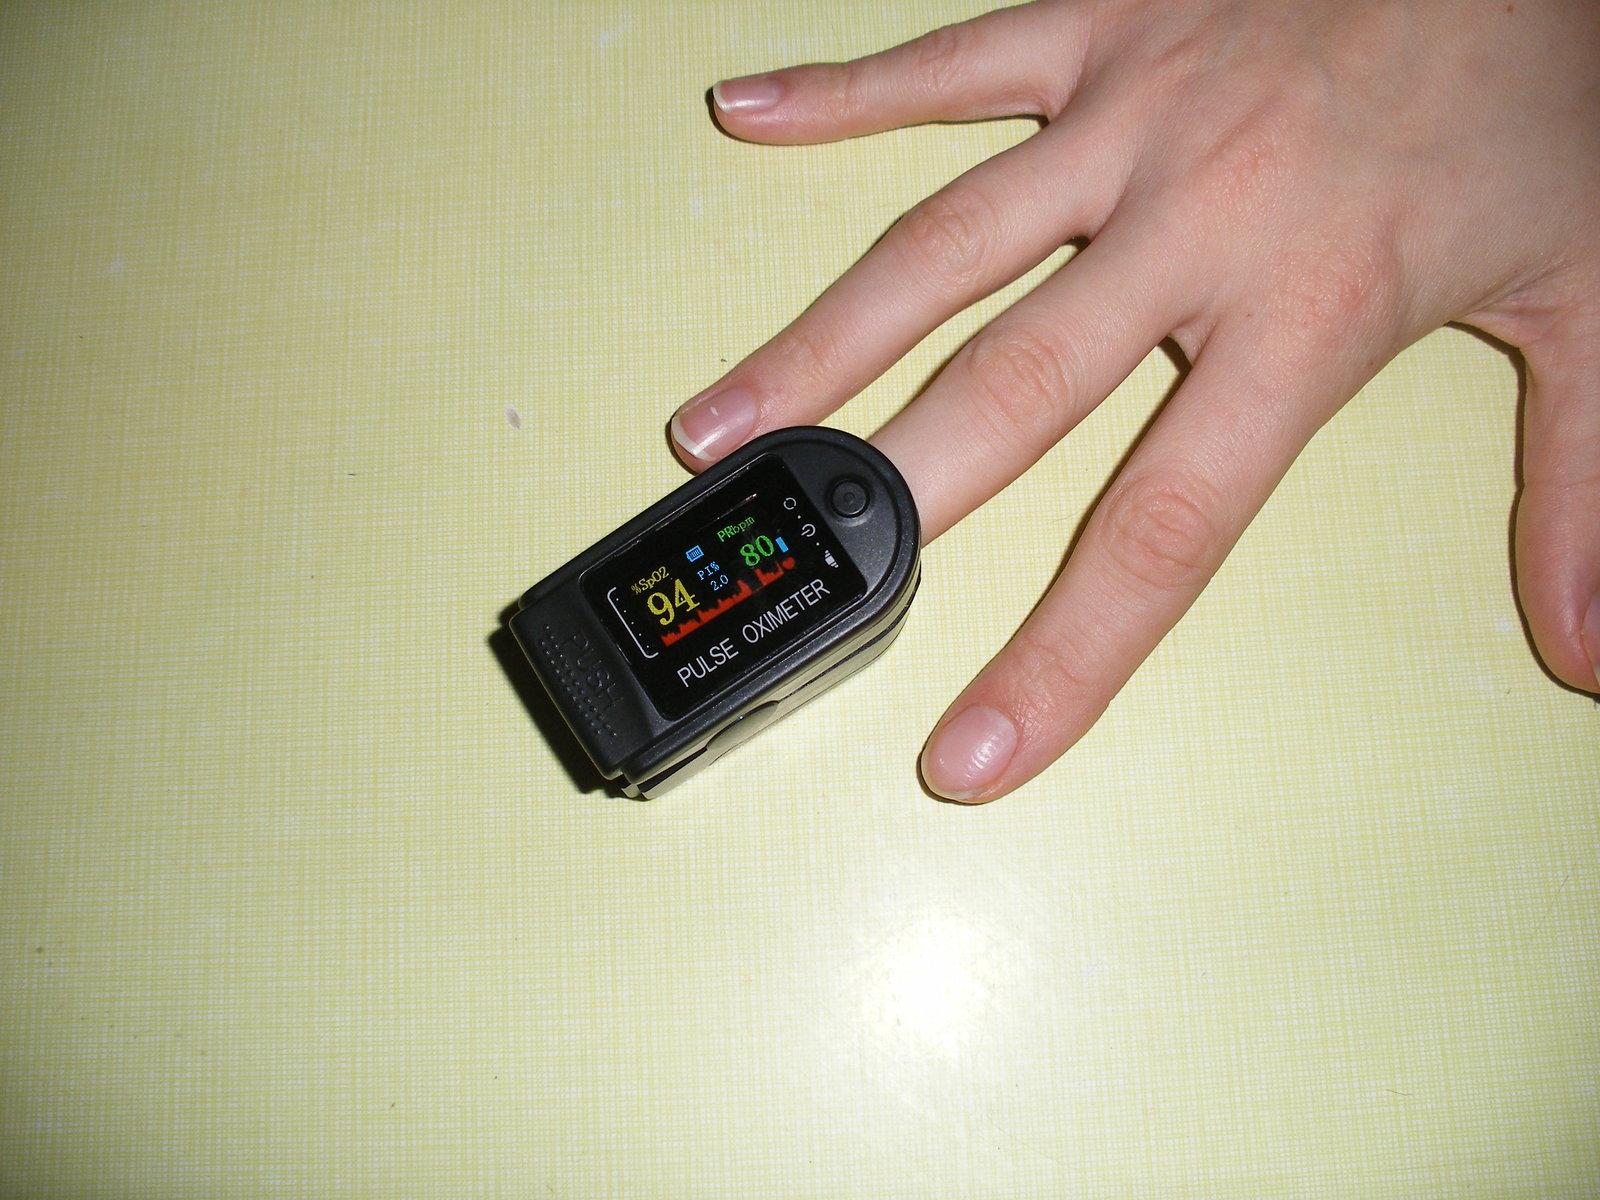 Surveiller sa santé, mesurer le taux d'oxygène 201204074820806680